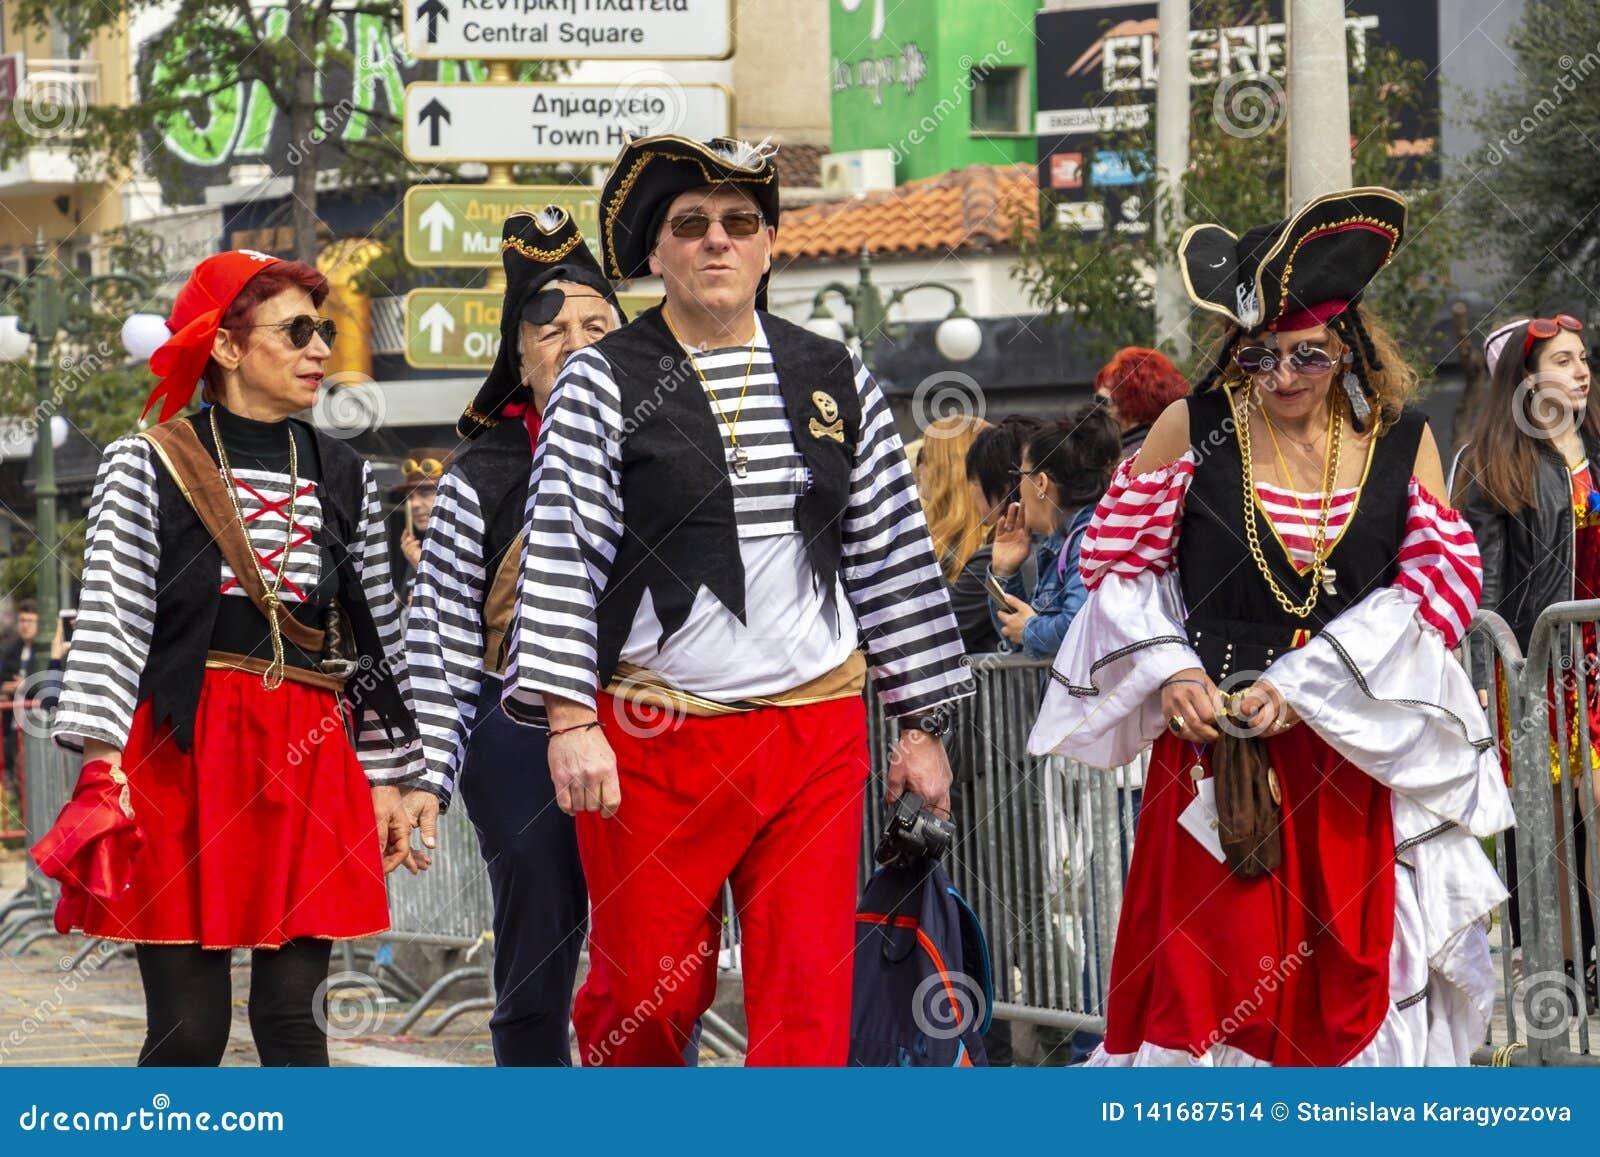 Klätt som piratkopierar ståtar karnevalet deltagare i Xanthi, nordöstra Grekland